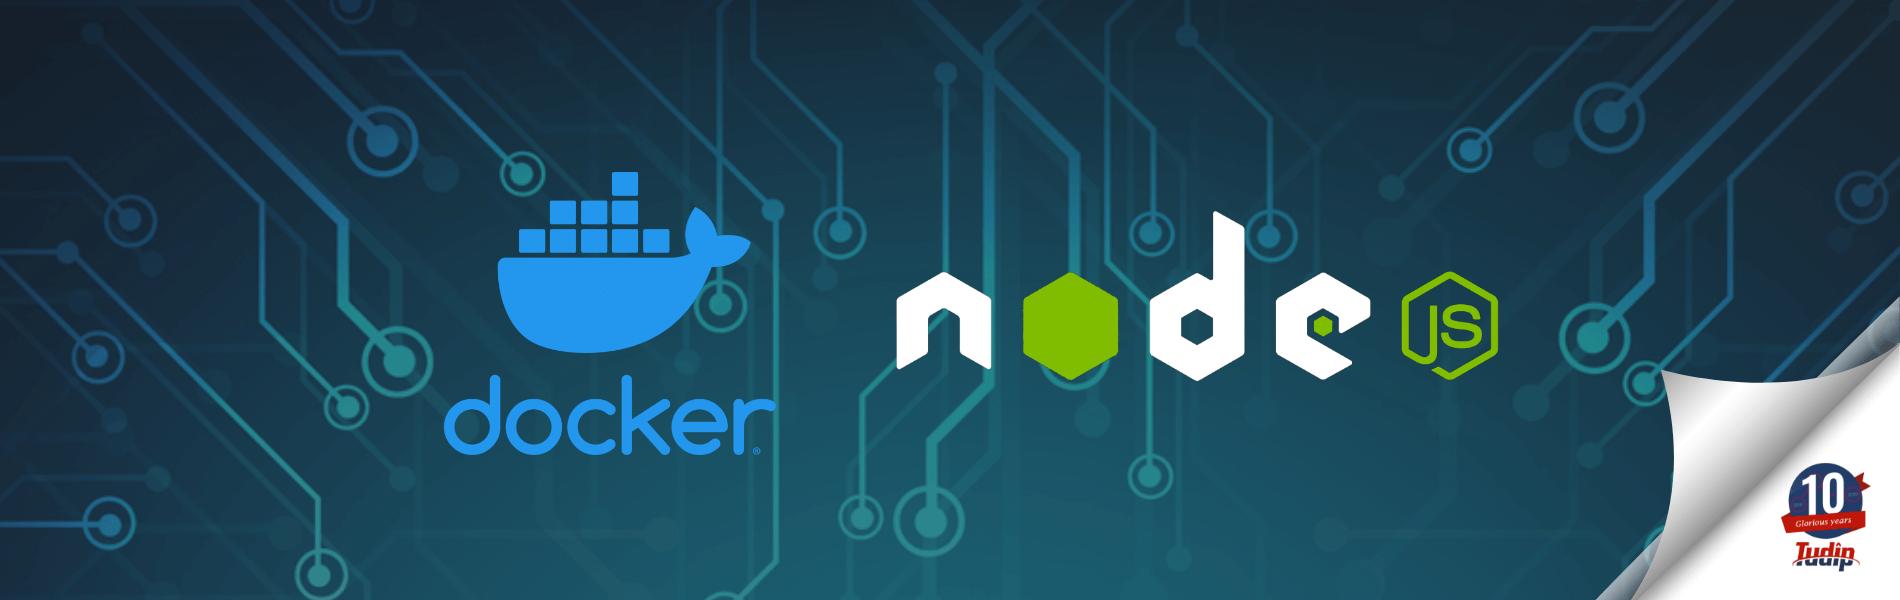 microservice_in_NodeJS_with_Docker_changed_website